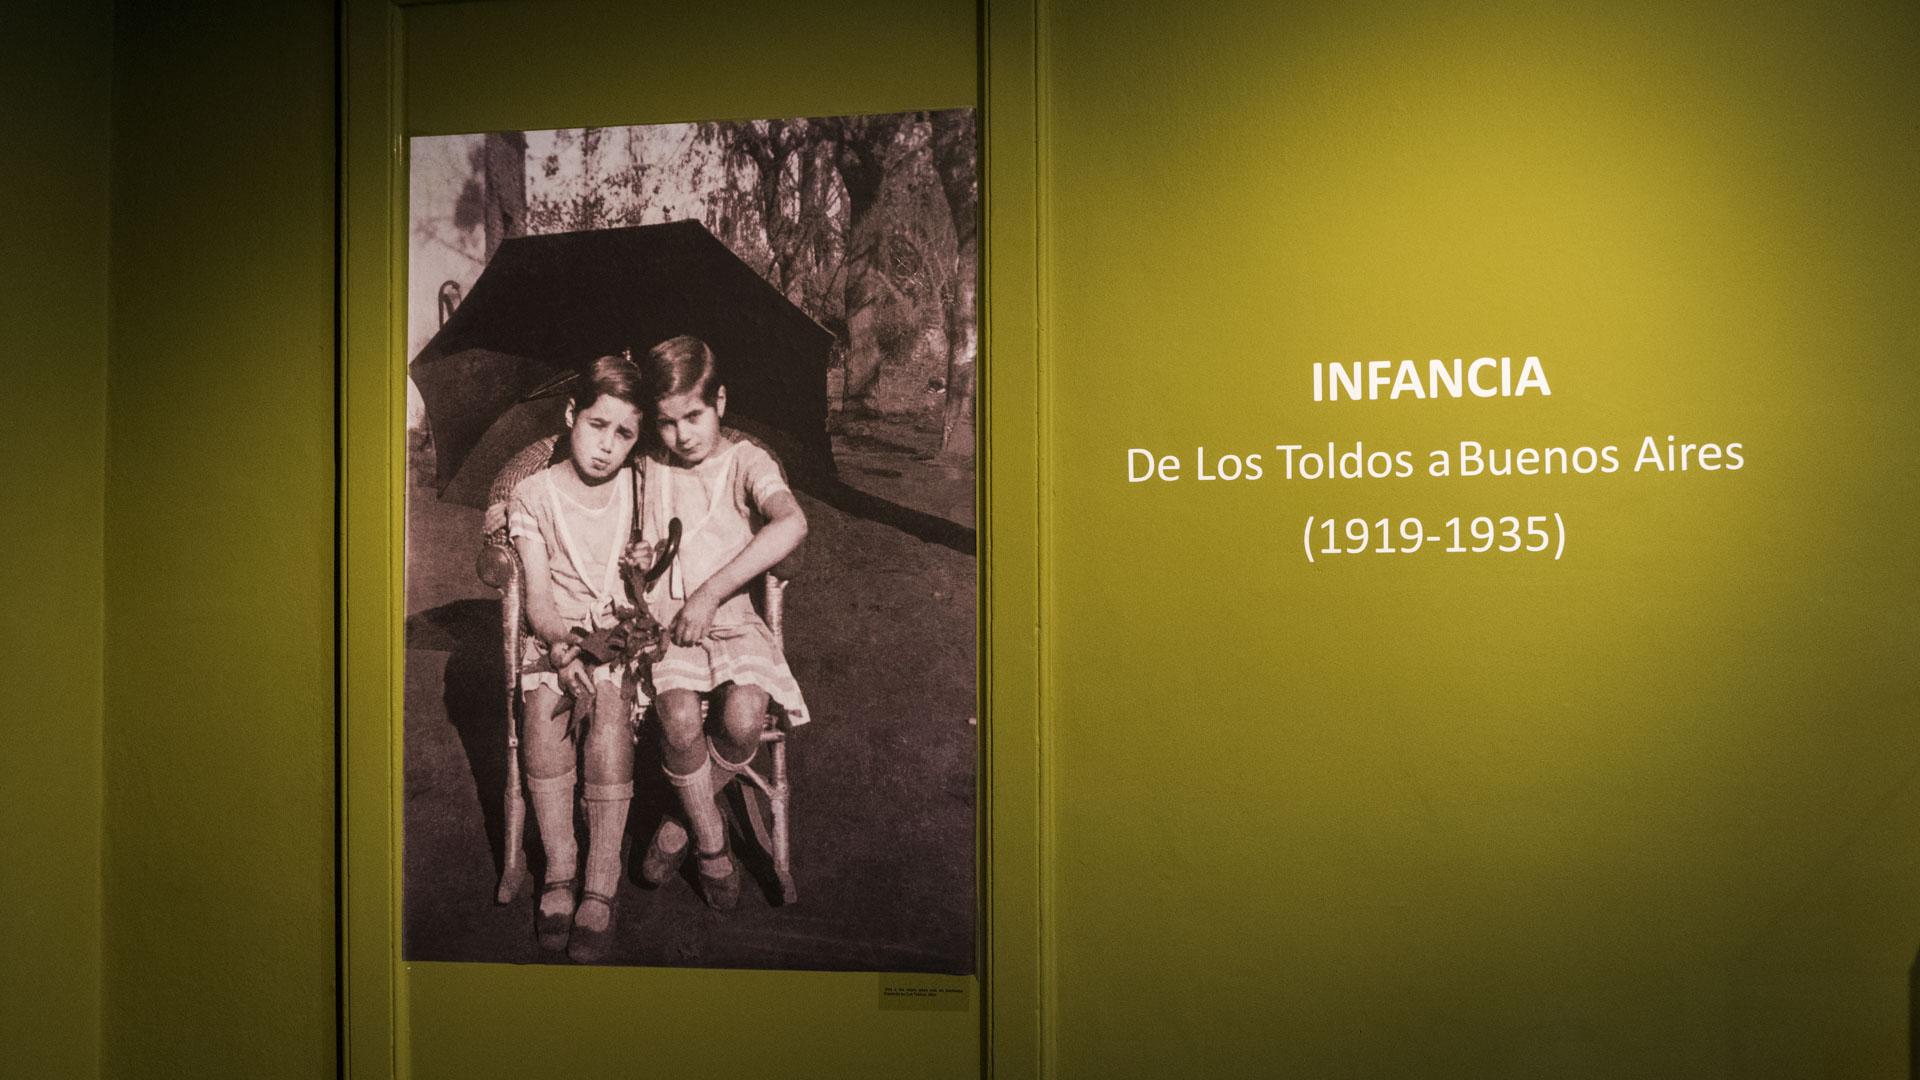 """Erminda Duarte en """"Mi hermana Evita"""": """"Nuestra vida hogareña fue hermosa. Guardo intacta, como si el tiempo no la hubiera rozado siquiera, la imagen de nuestra mesa familiar; mamá la presidía, tú, la más pequeña de todos, a su derecha"""""""